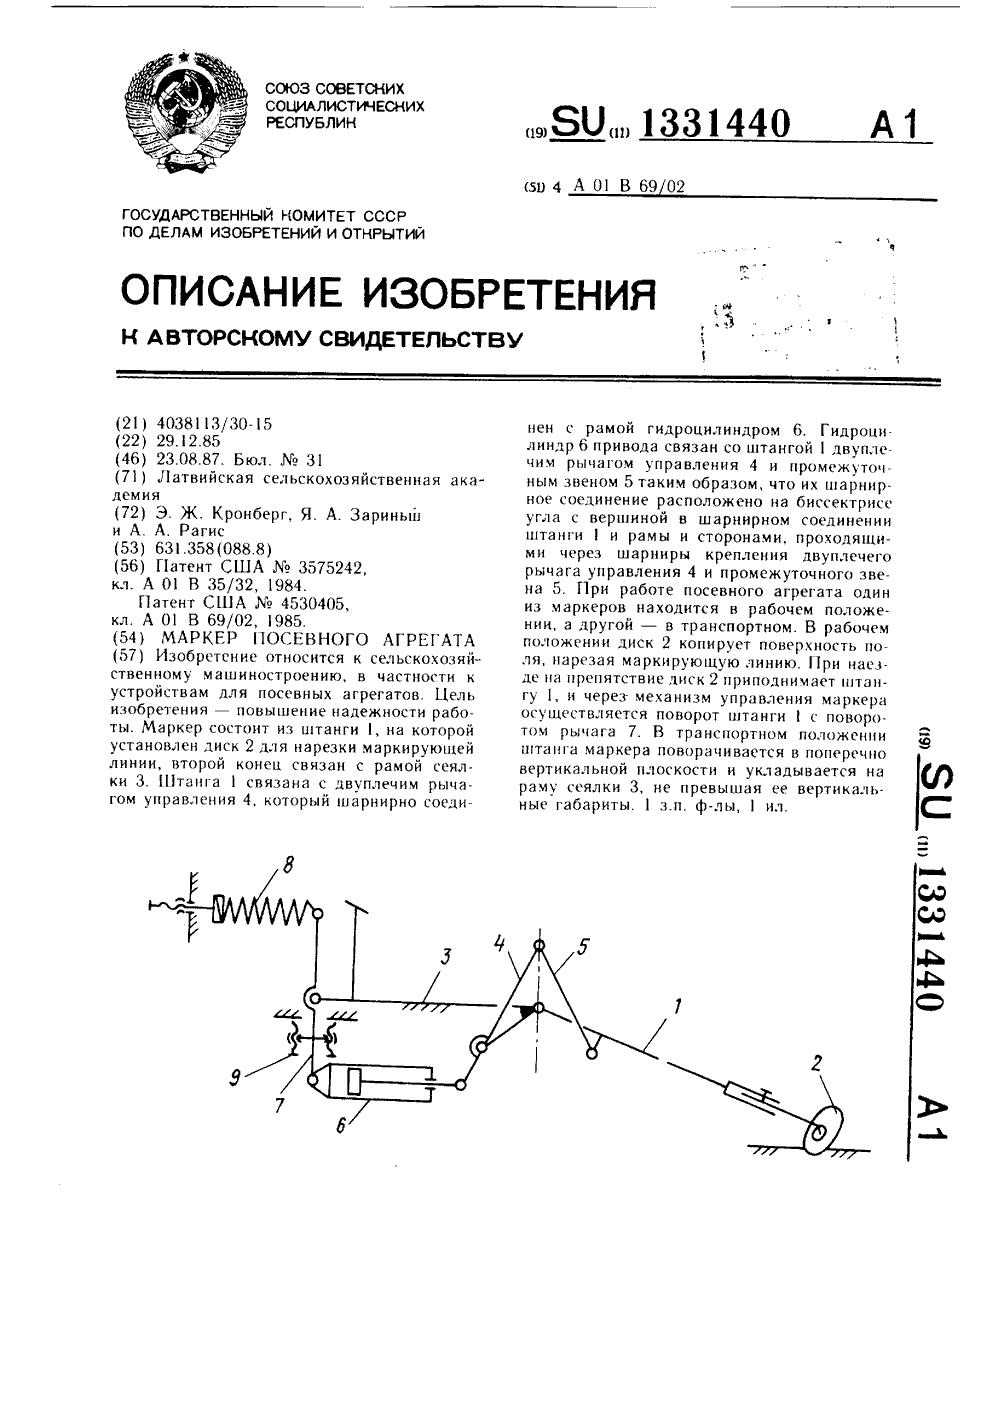 схема составления посевных агрегатов википедия